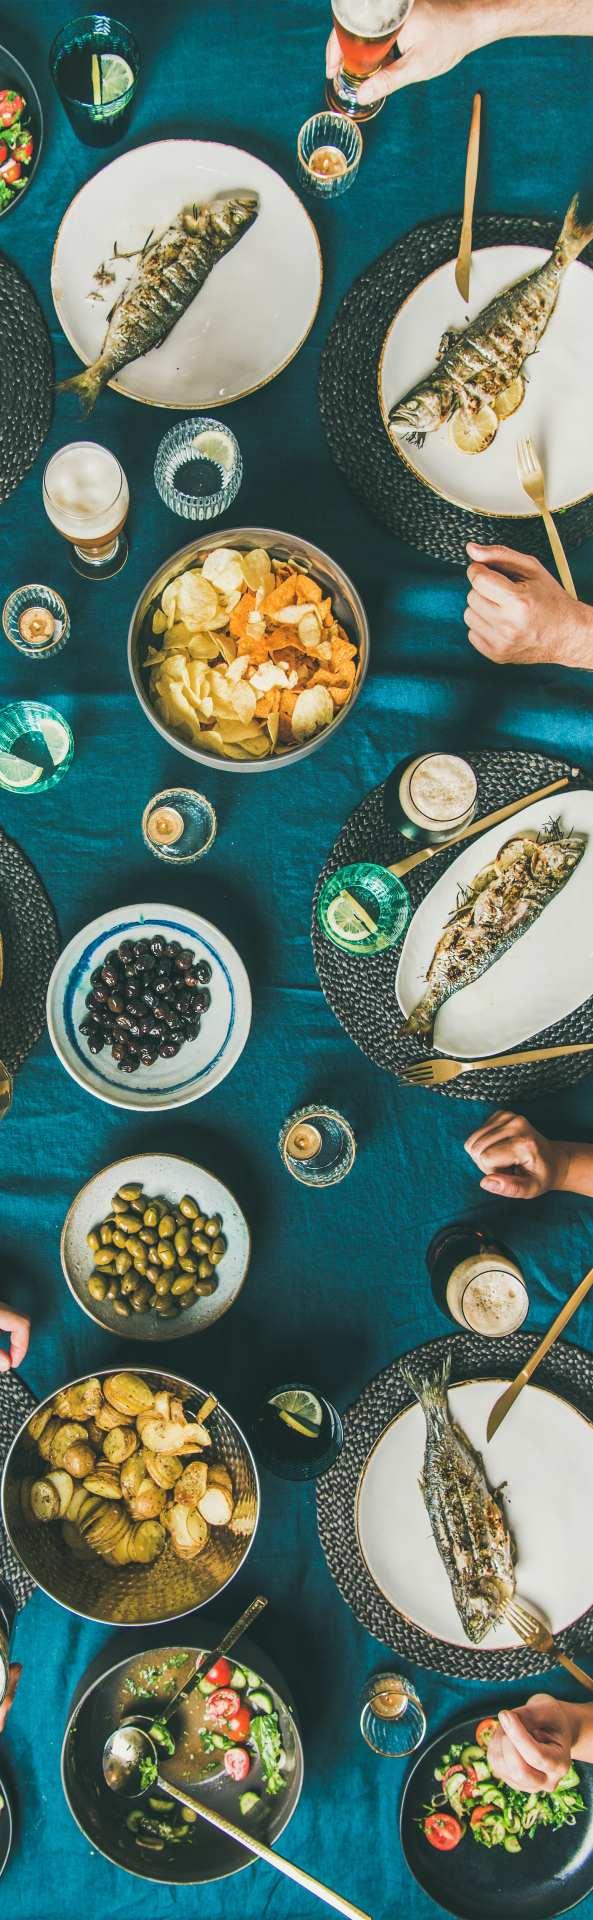 Pescado comida saludable